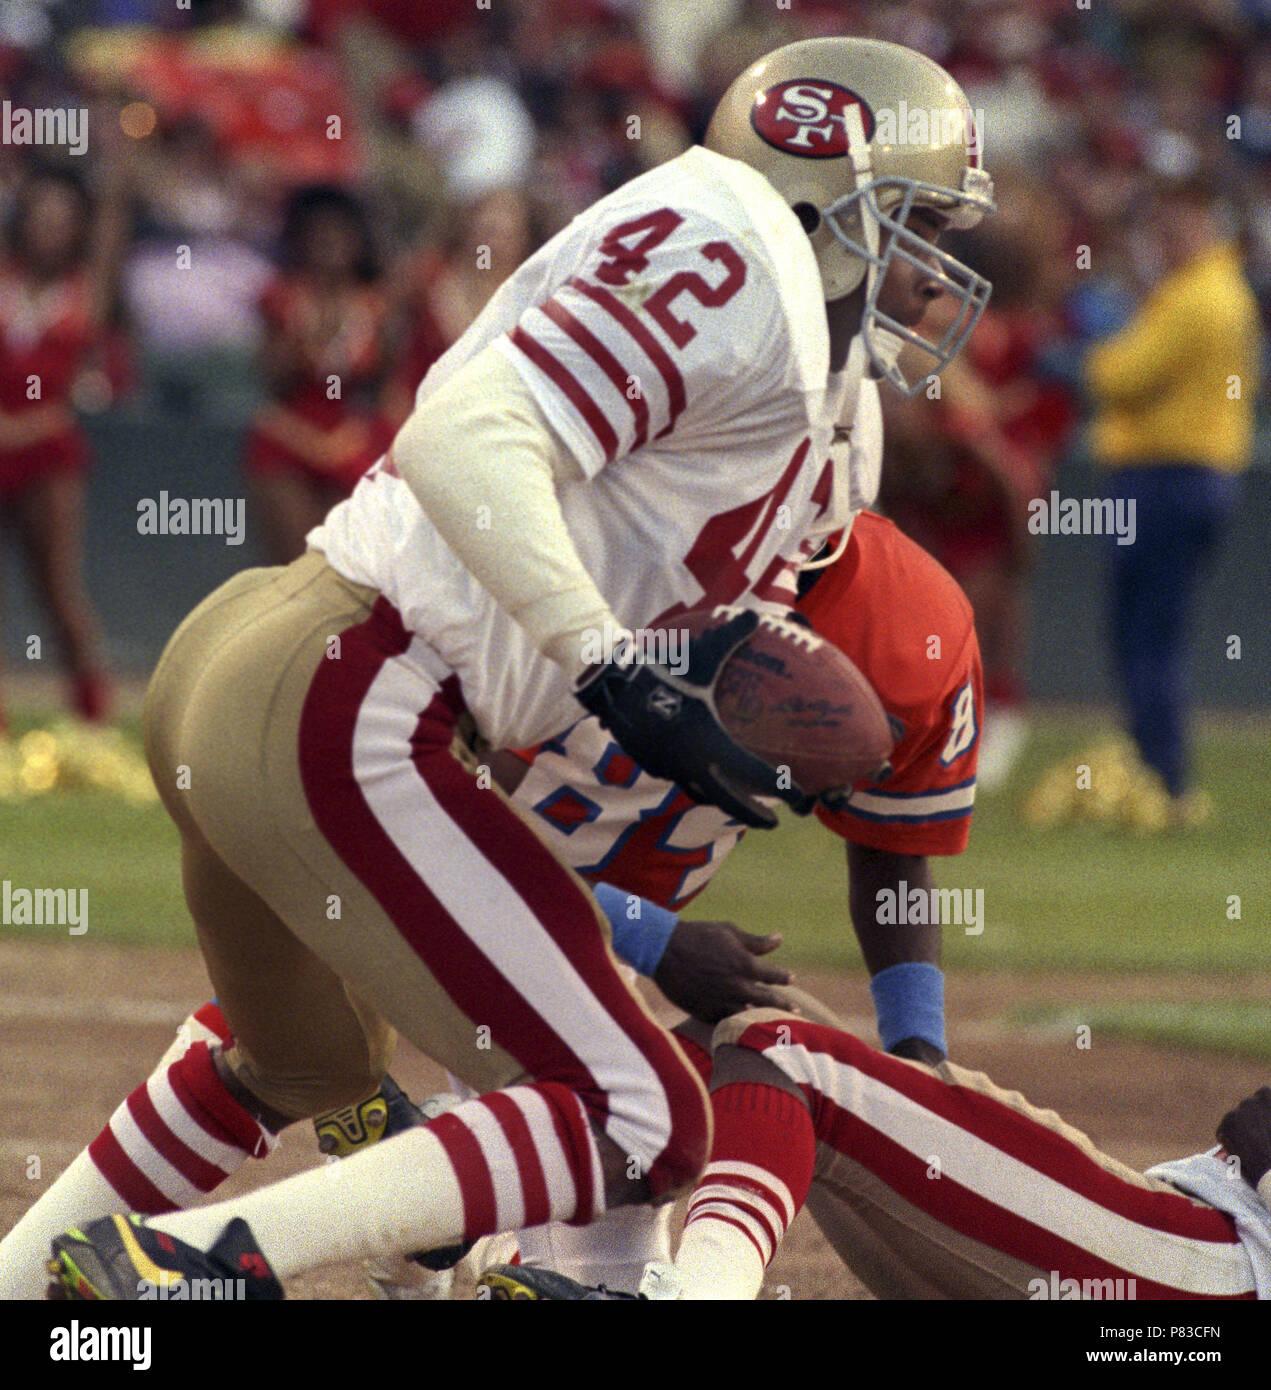 1c7dd61e6 San Francisco 49ers vs Denver Broncos at Candlestick Park Sunday